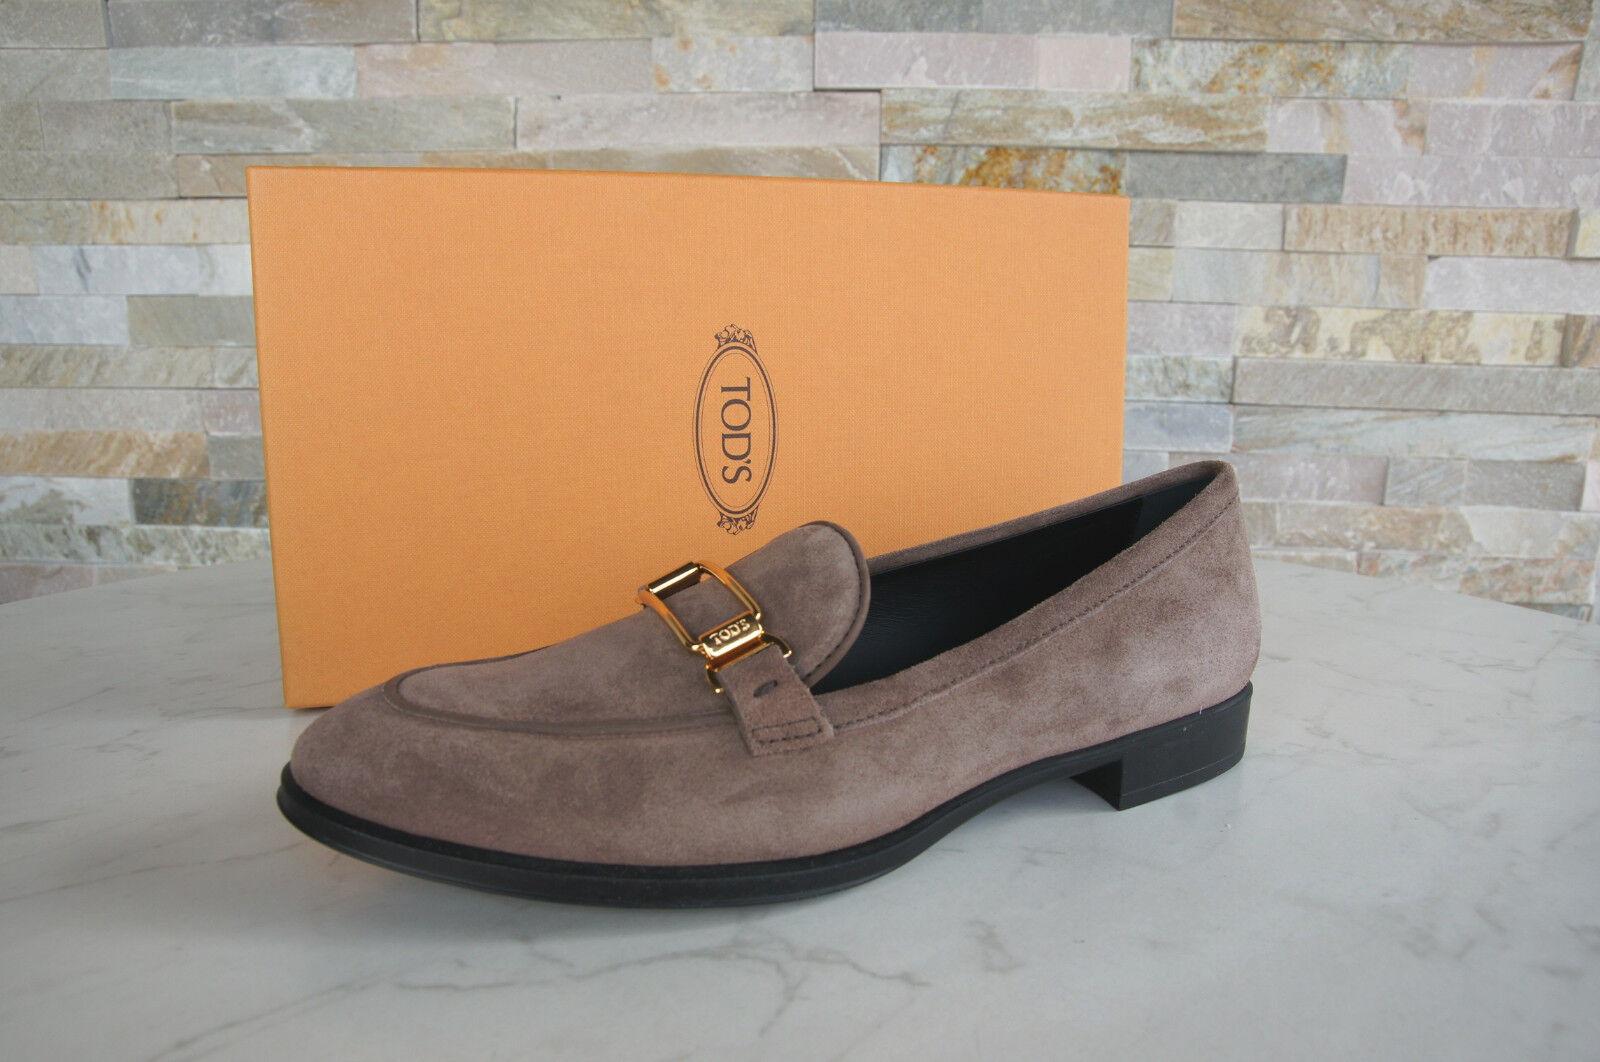 TODS TOD'S T 37 Pantoufles Chaussures Basses loafers chaussures capuccino Nouveau Ancien Prix Recommandé